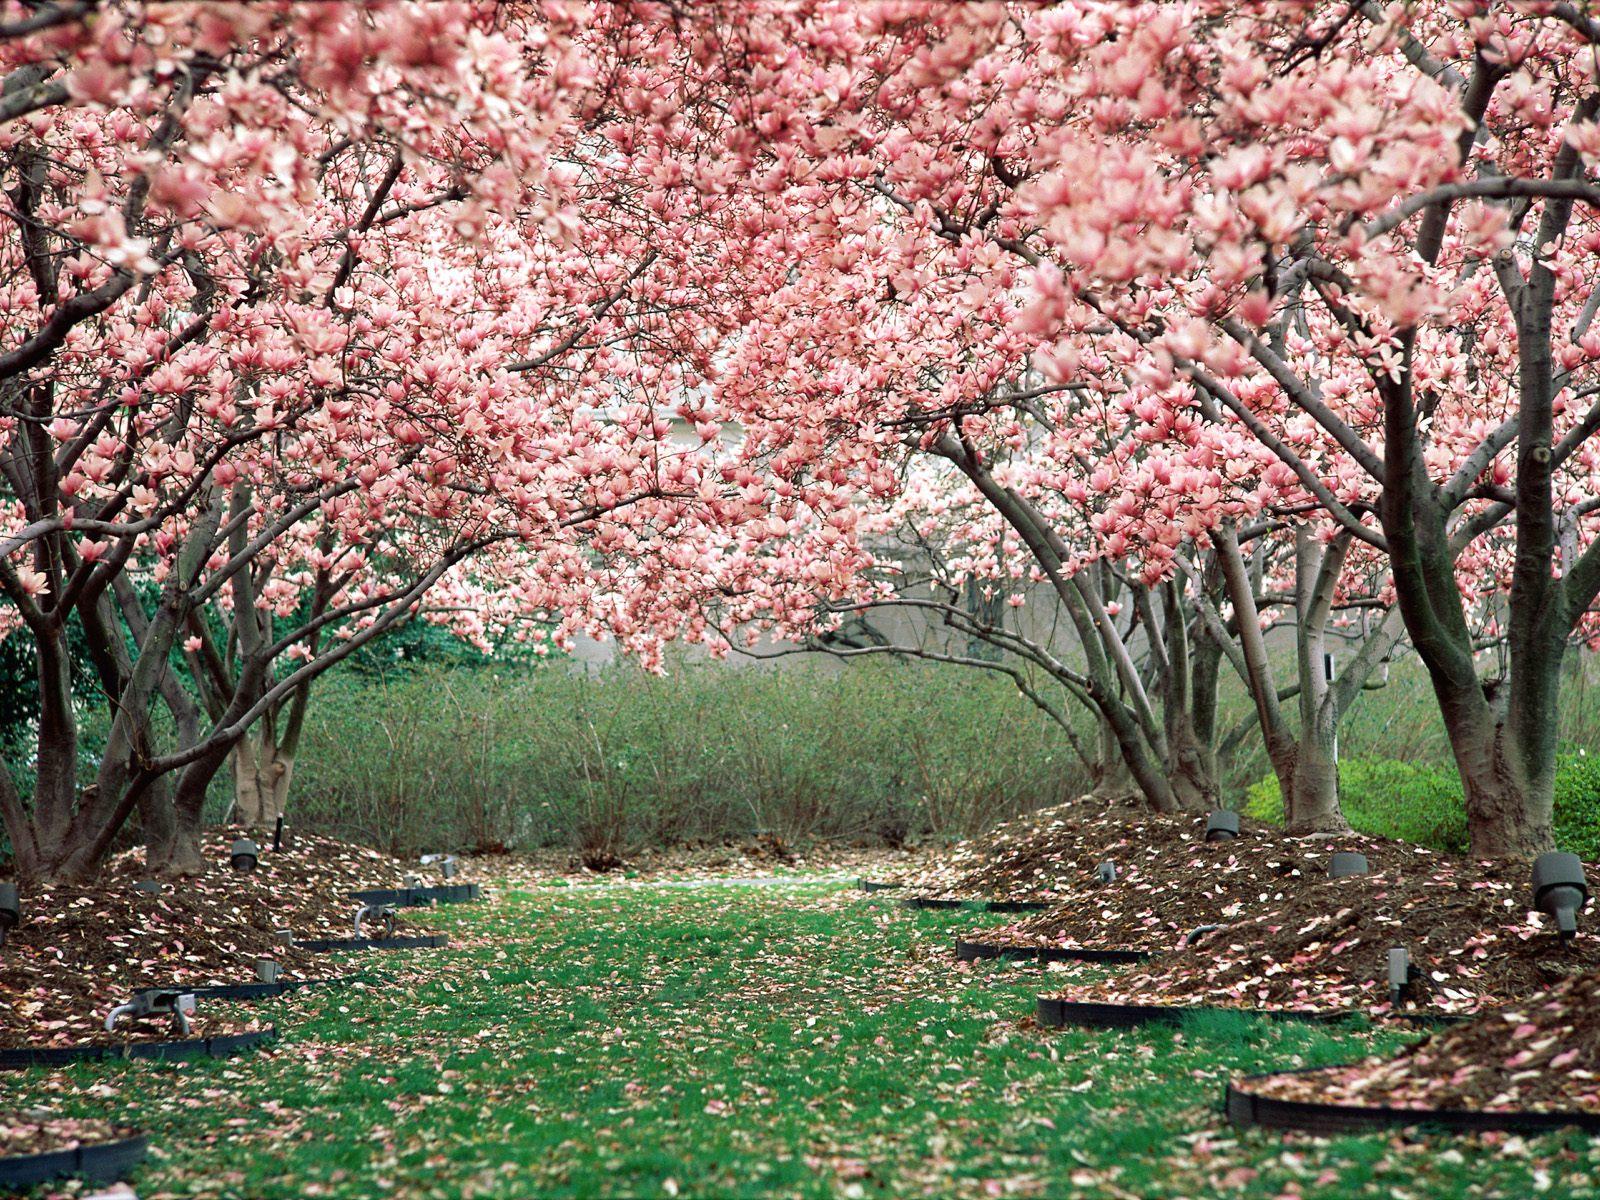 lente achtergronden hd - photo #7